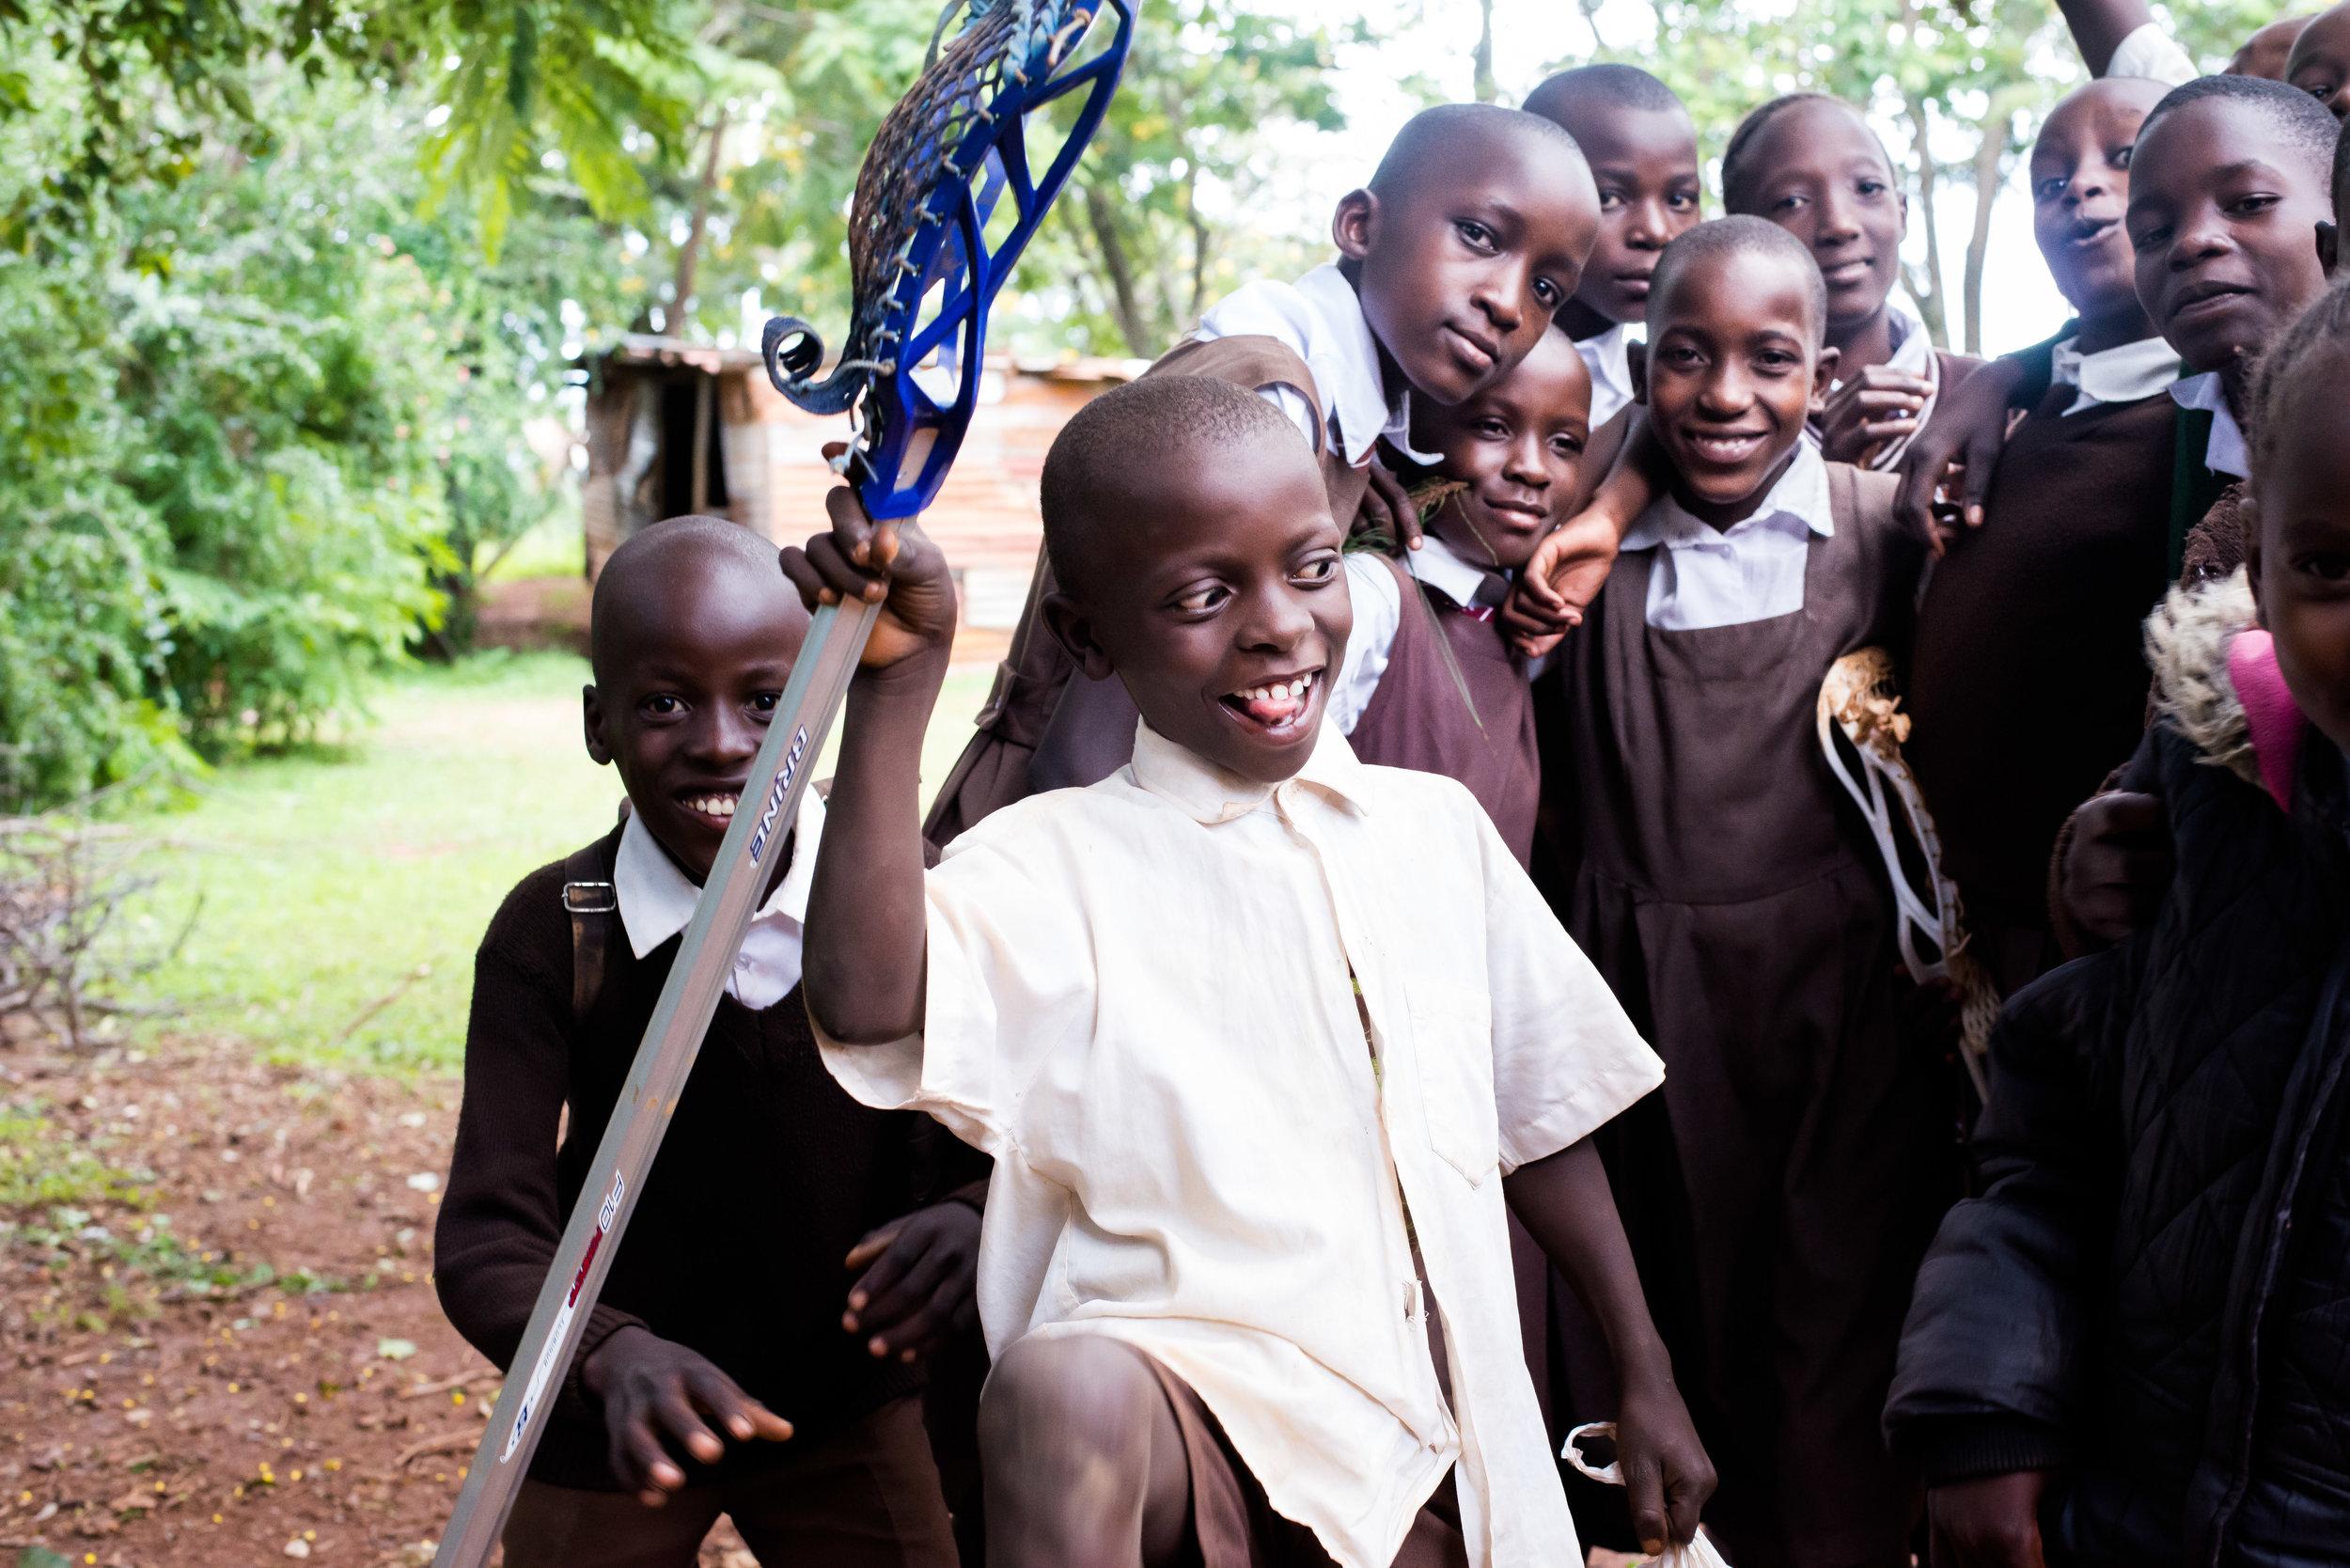 LUVLENS_KidsLacrosseTheWorld_Kenya_2016-186.jpg